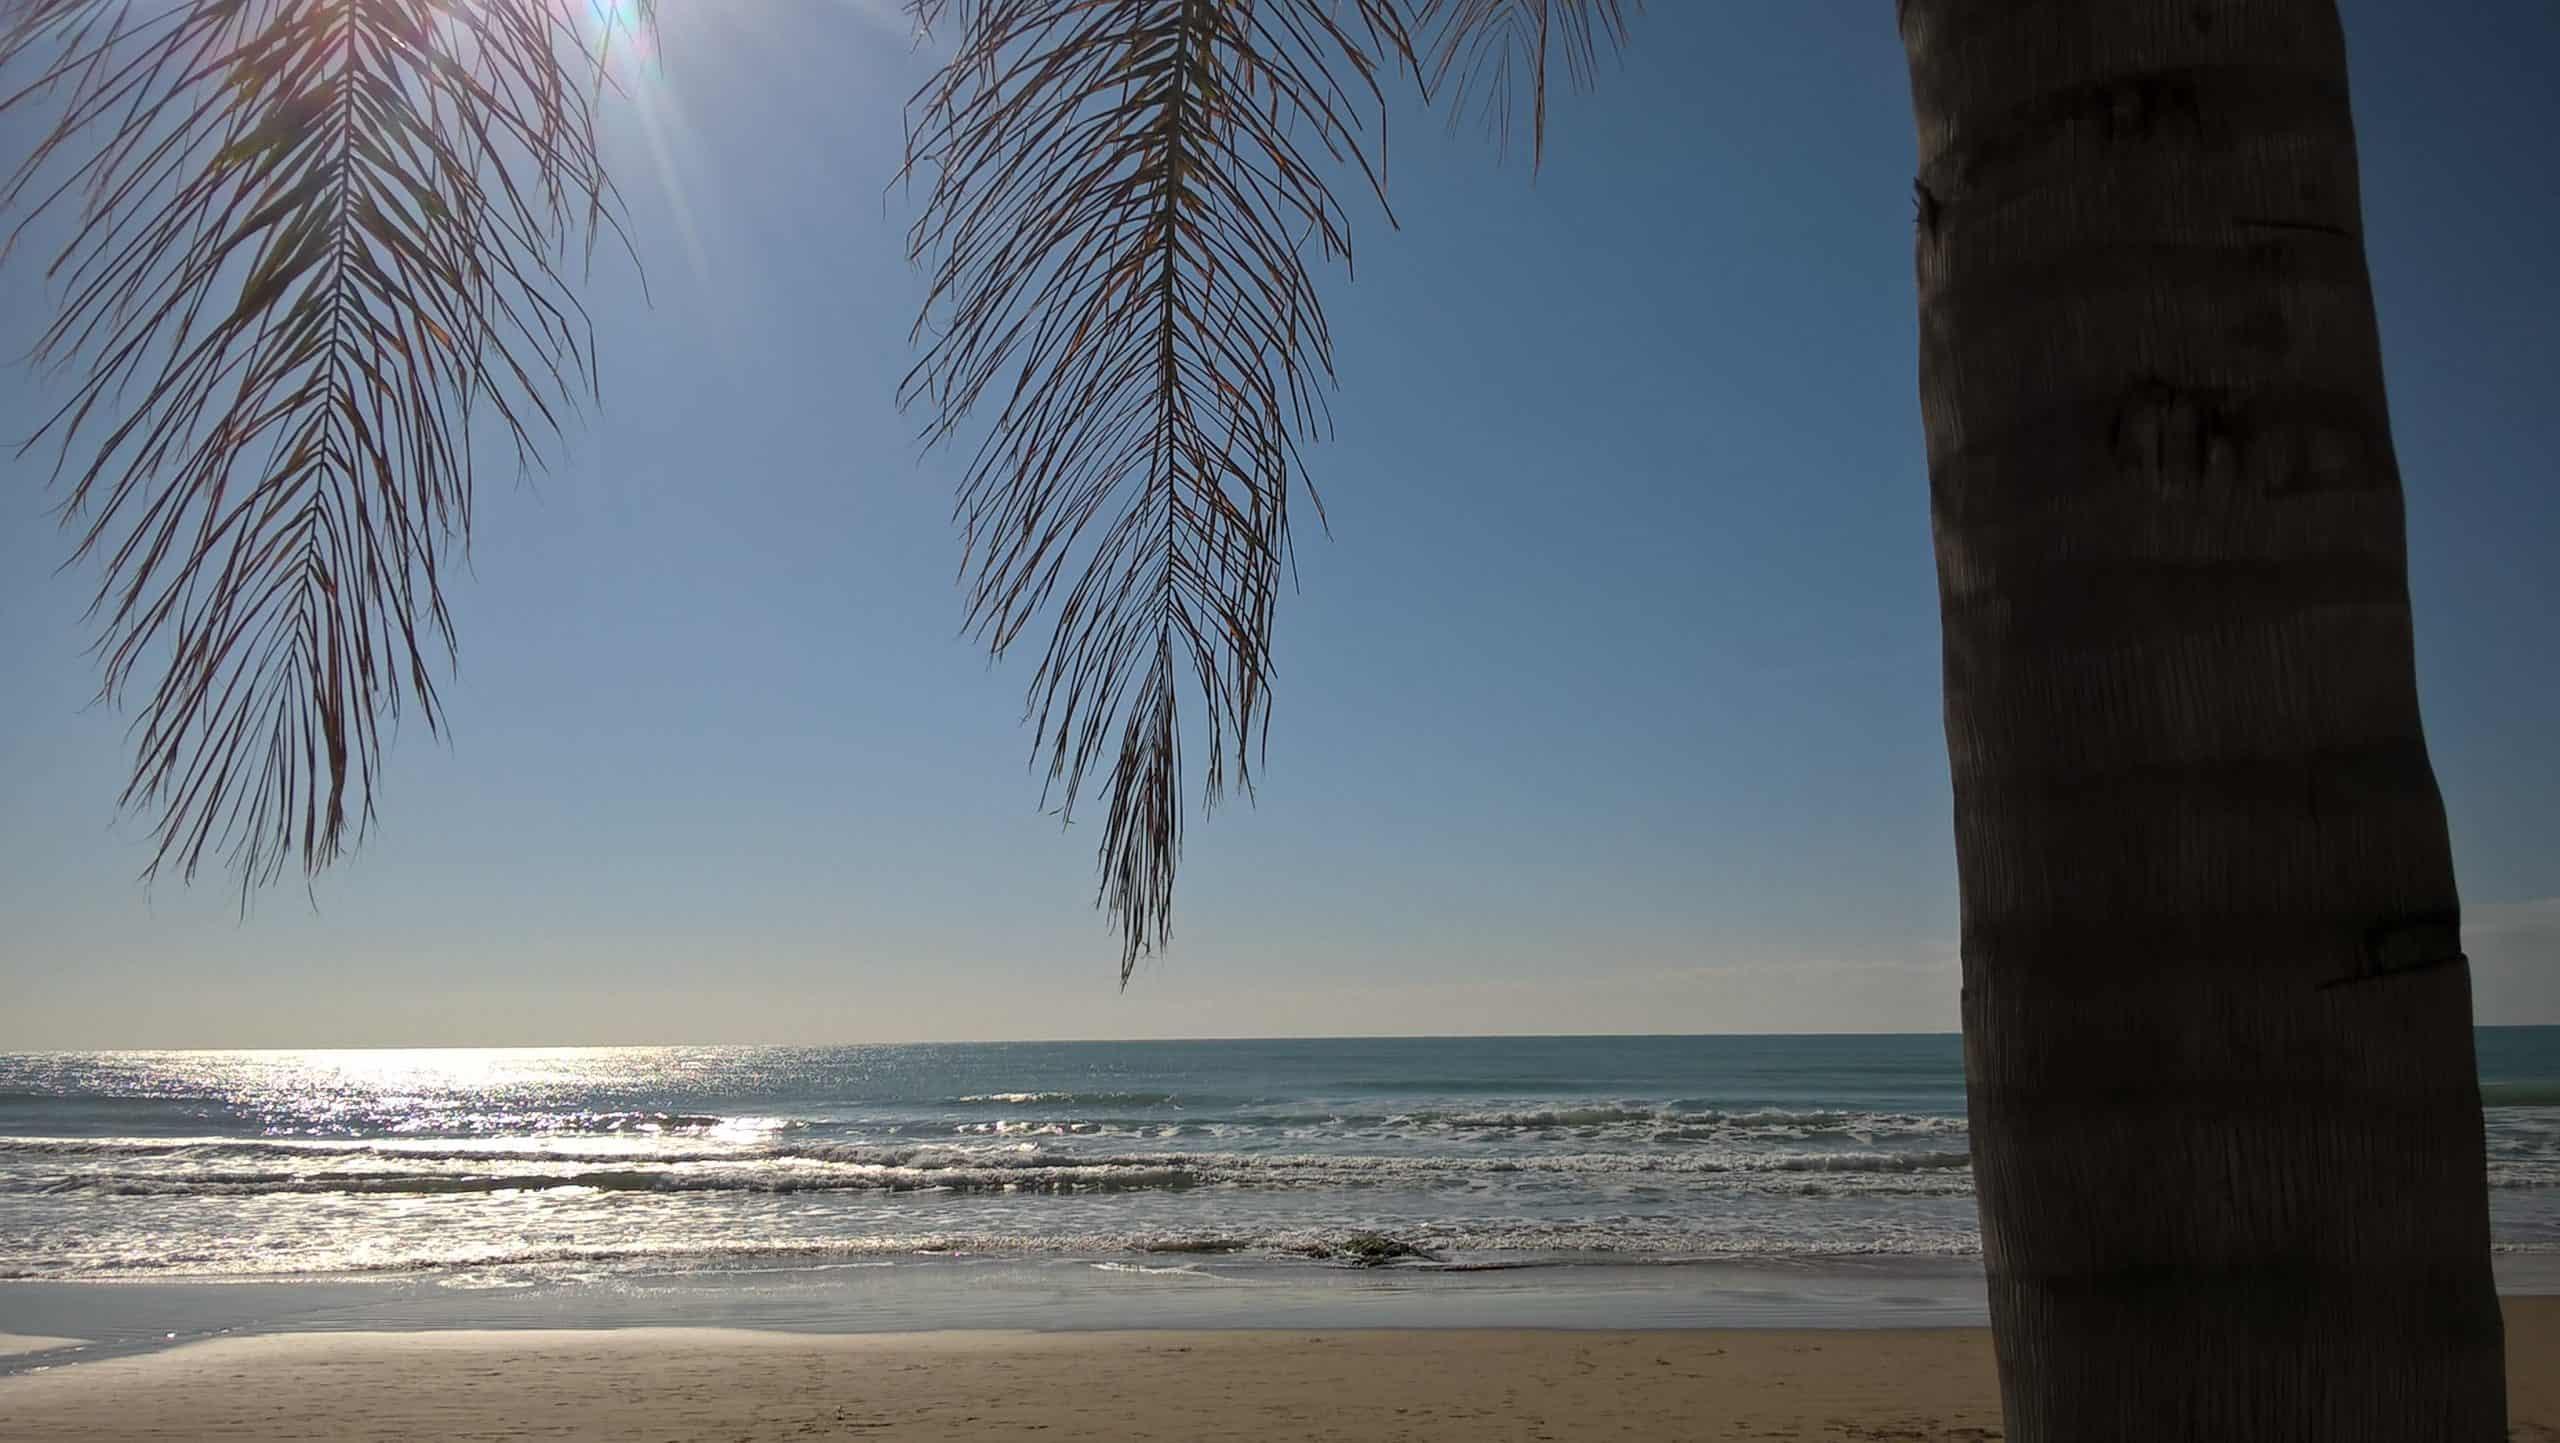 L'effetto terapeutico del mare anche d'inverno